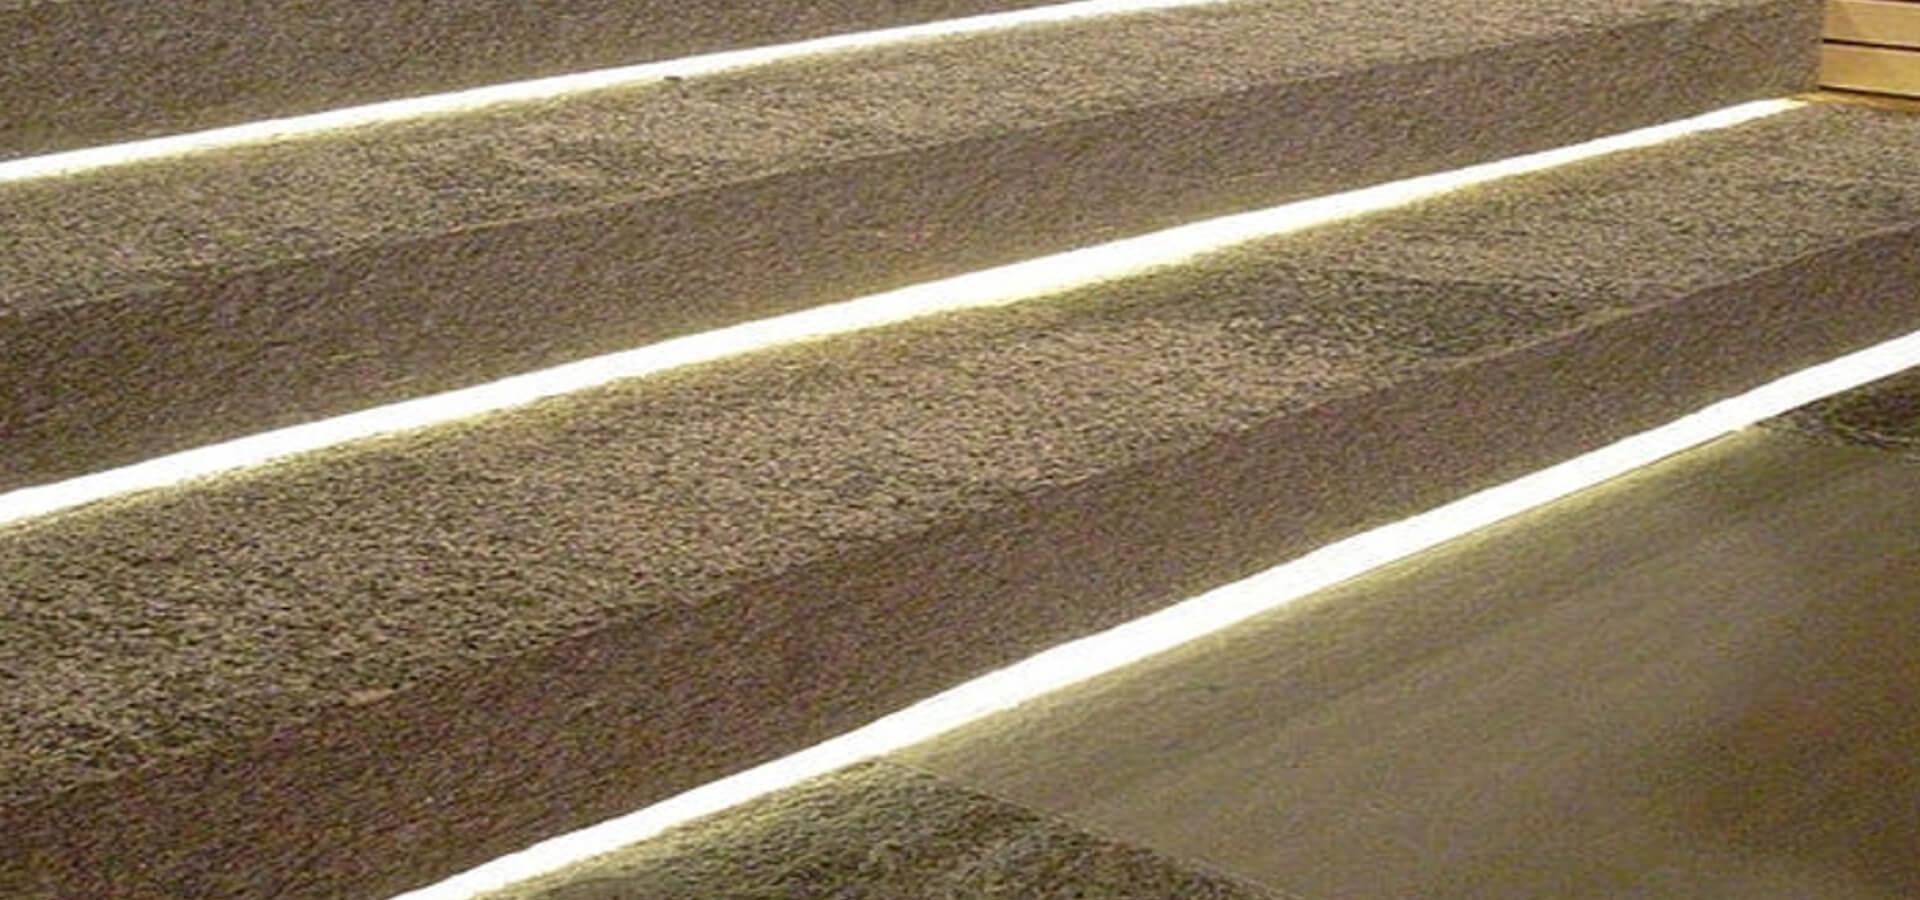 een veilige trap dankzij led verlichting